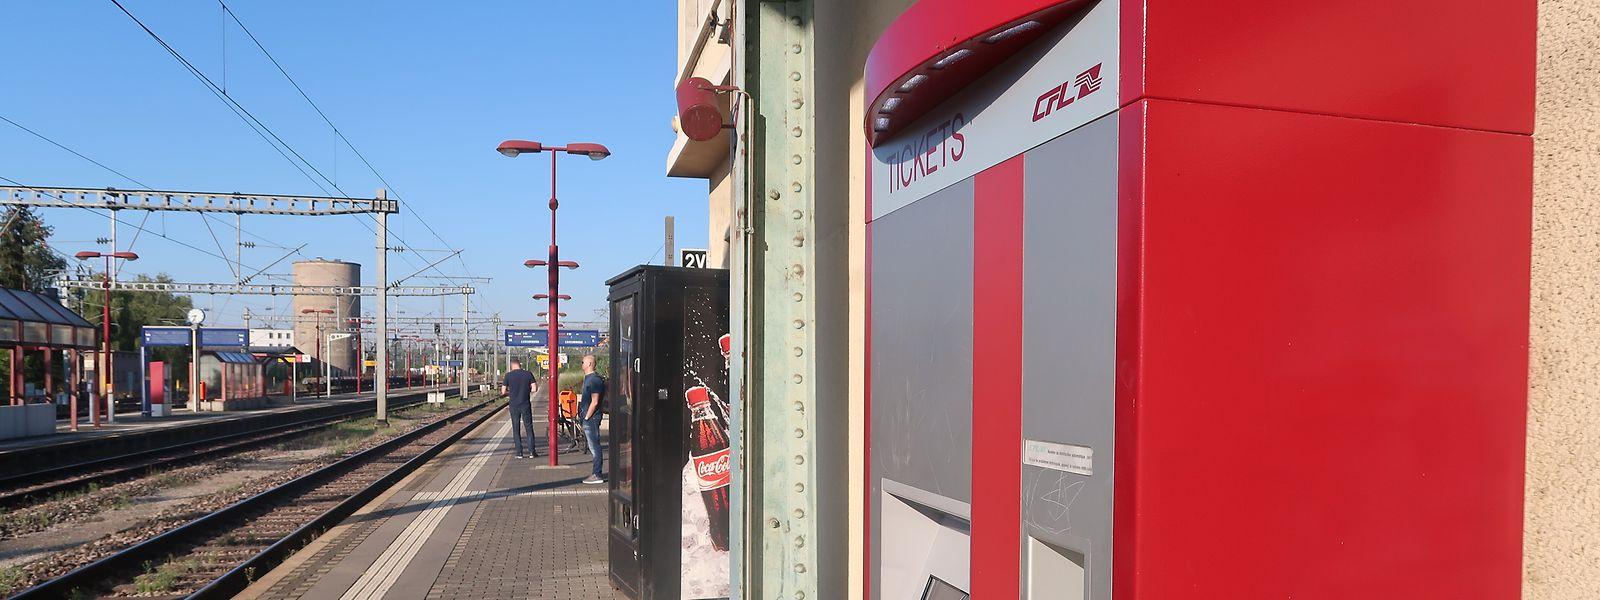 Display statt persönlicher Beratung: Von kommender Woche an können die Fahrgäste in Wasserbillig ihre Tickets nur noch am Automaten kaufen.